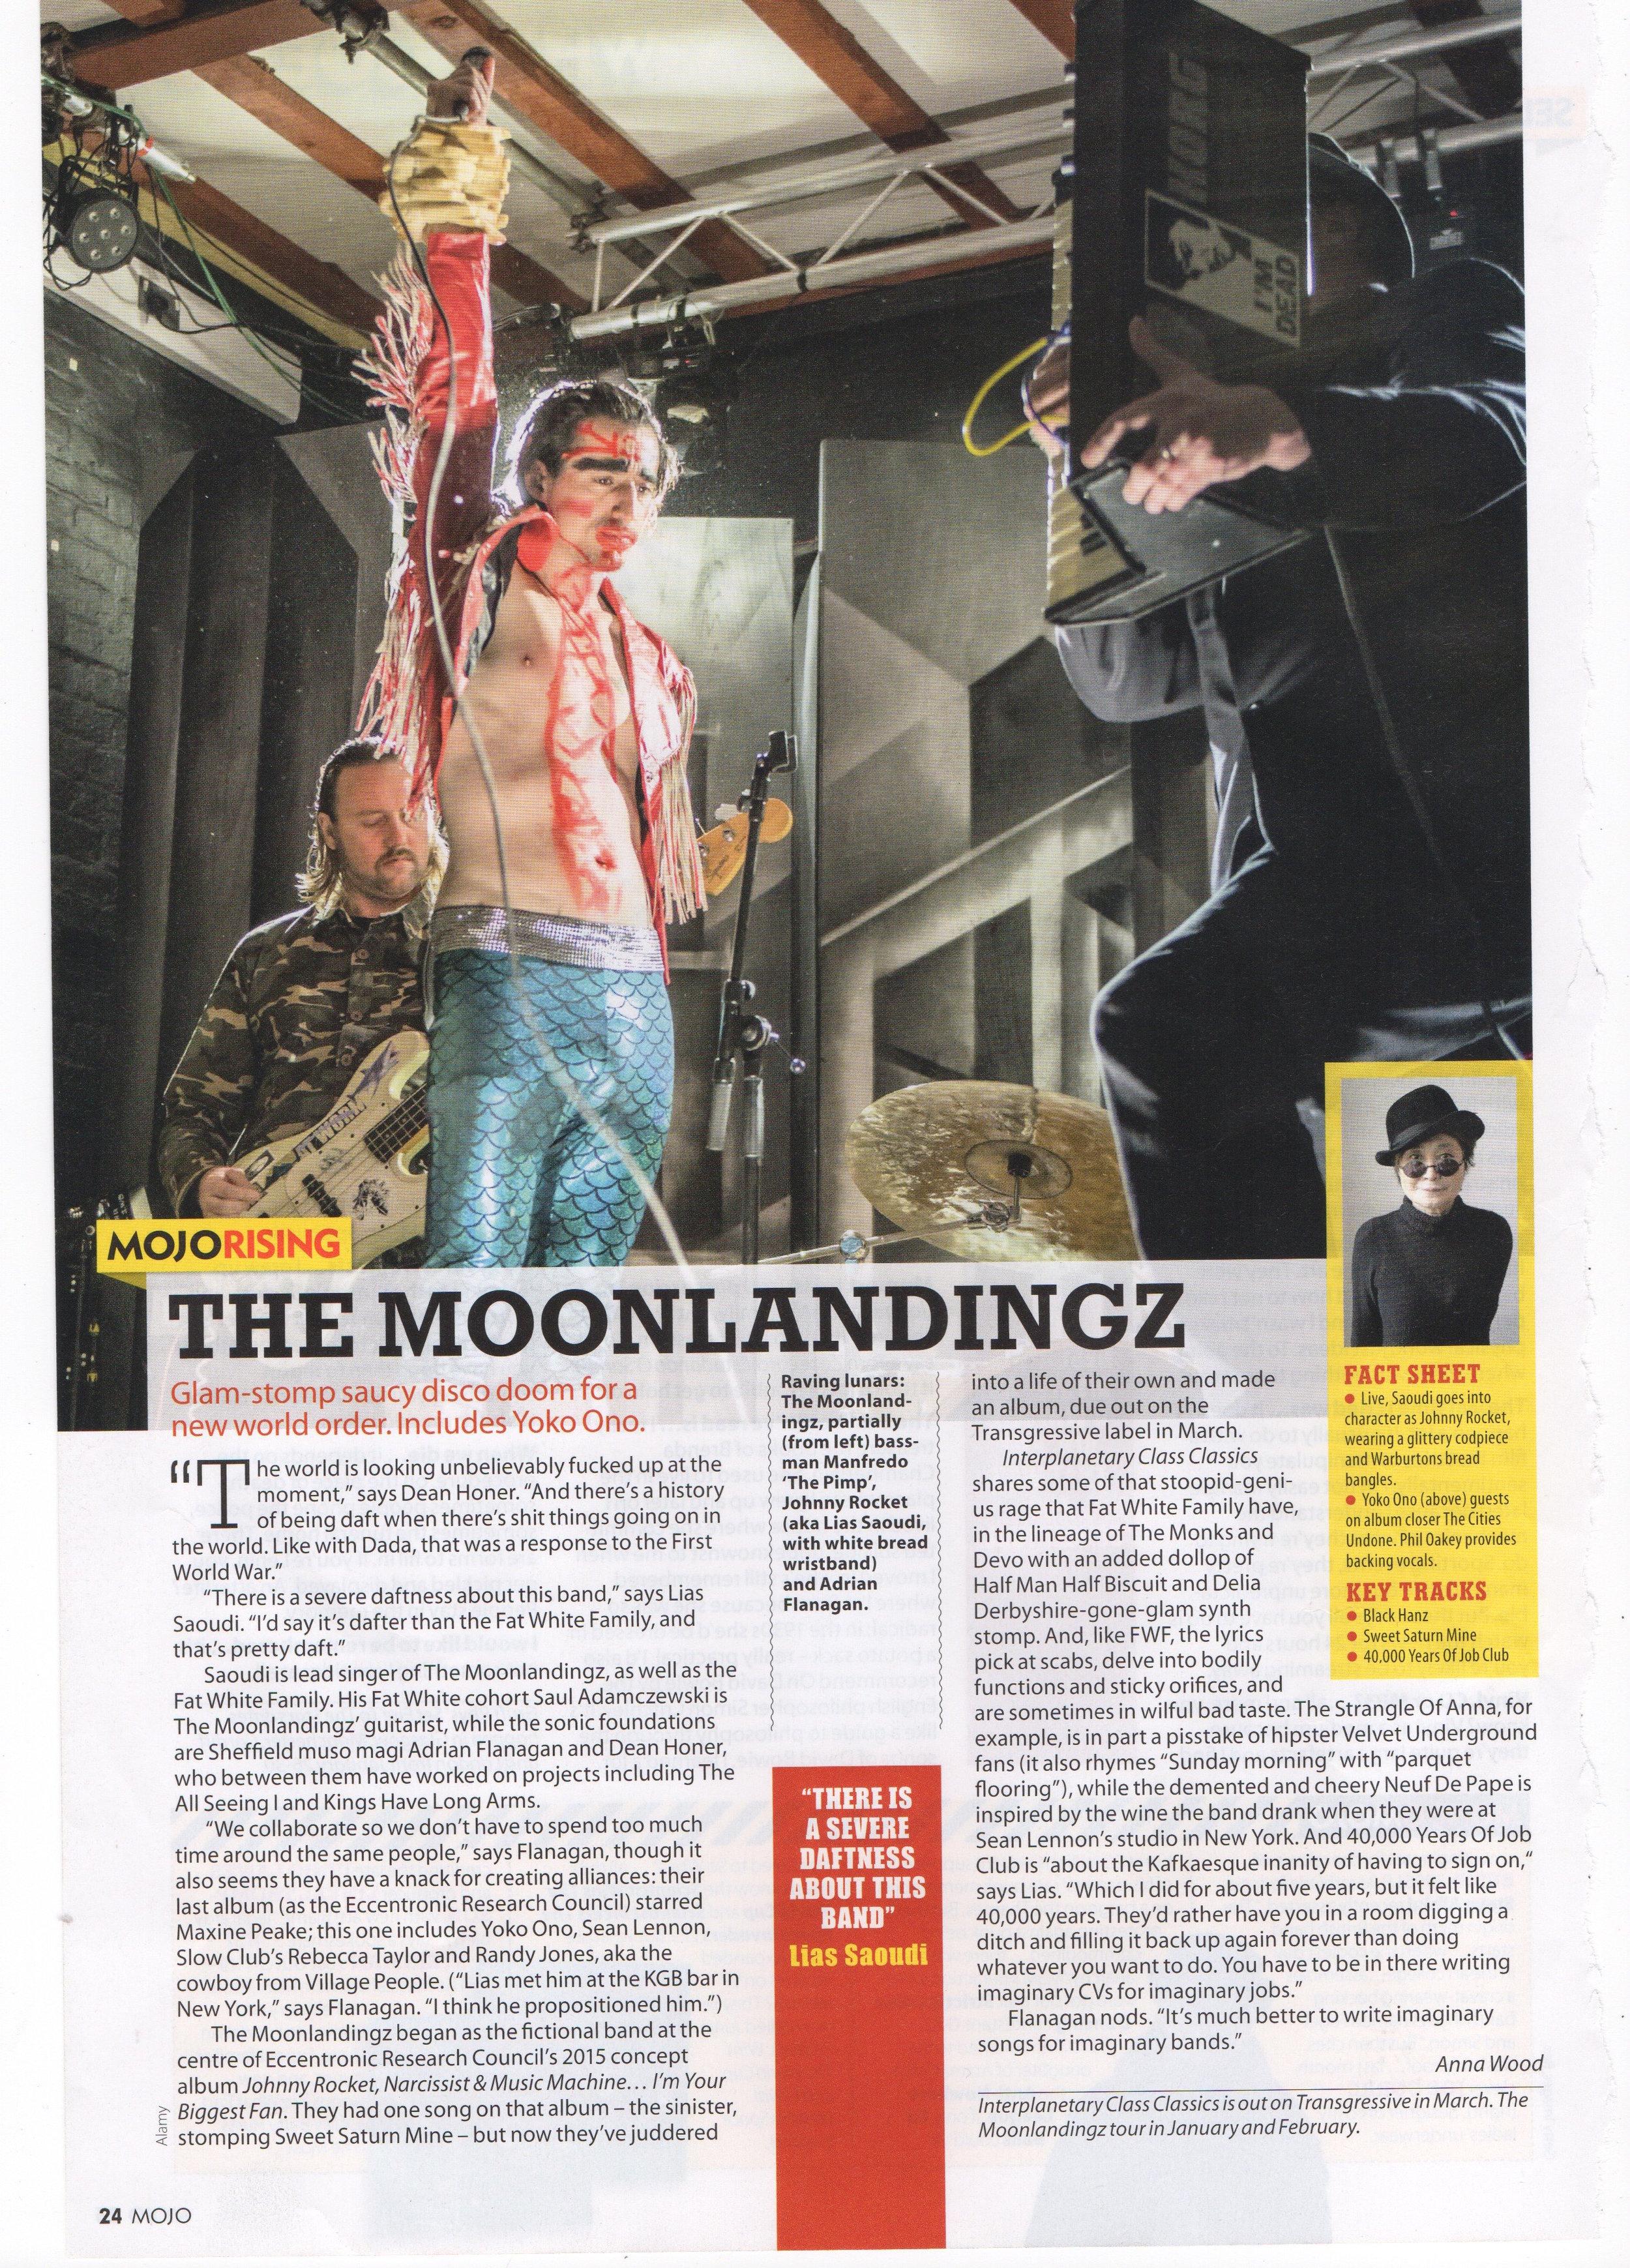 The Moonlandingz - MOJO Magazine - January 2017